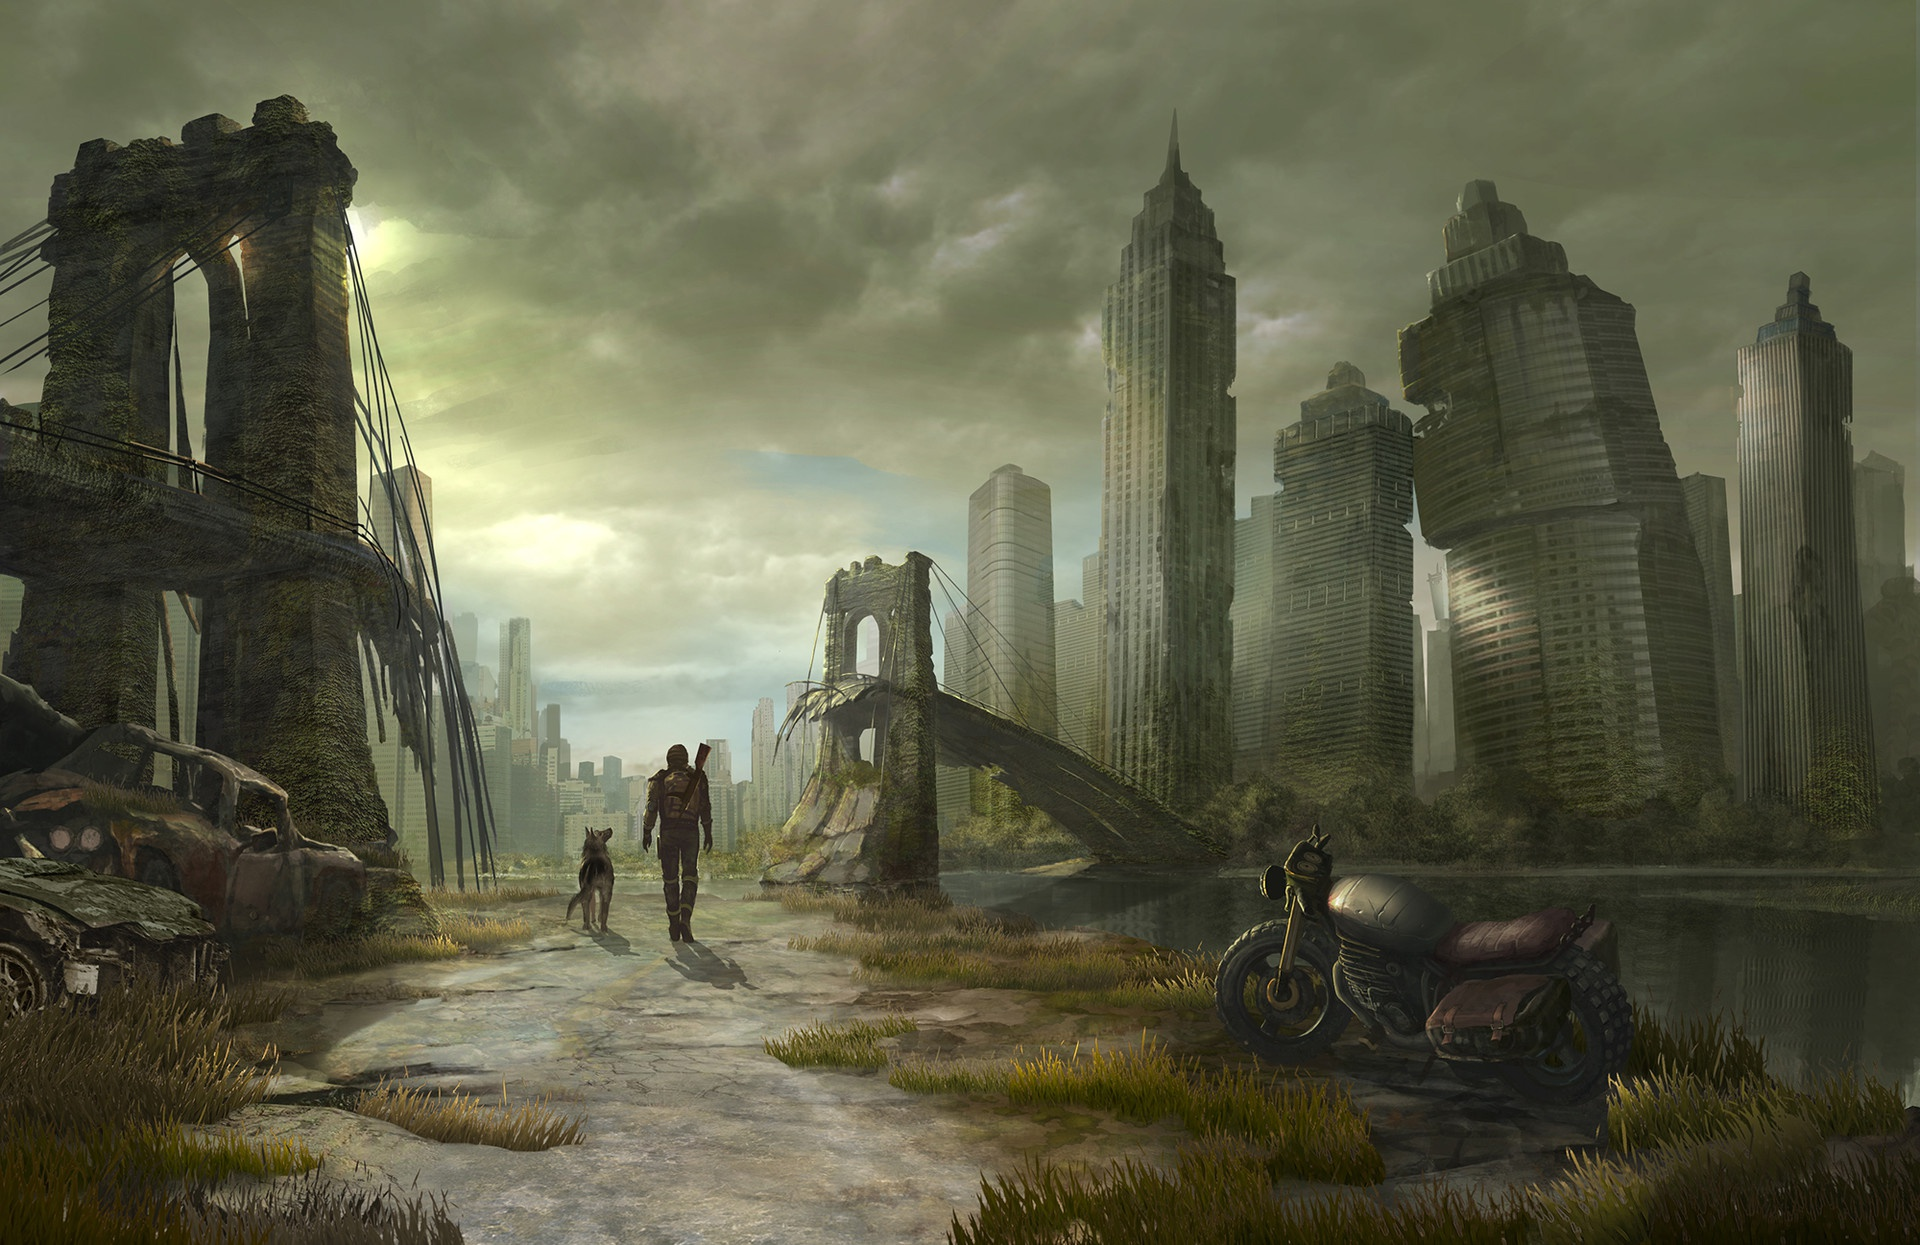 мягкая мебель про апокалипсис картинки пожалуйста, вотсап, отвечаю